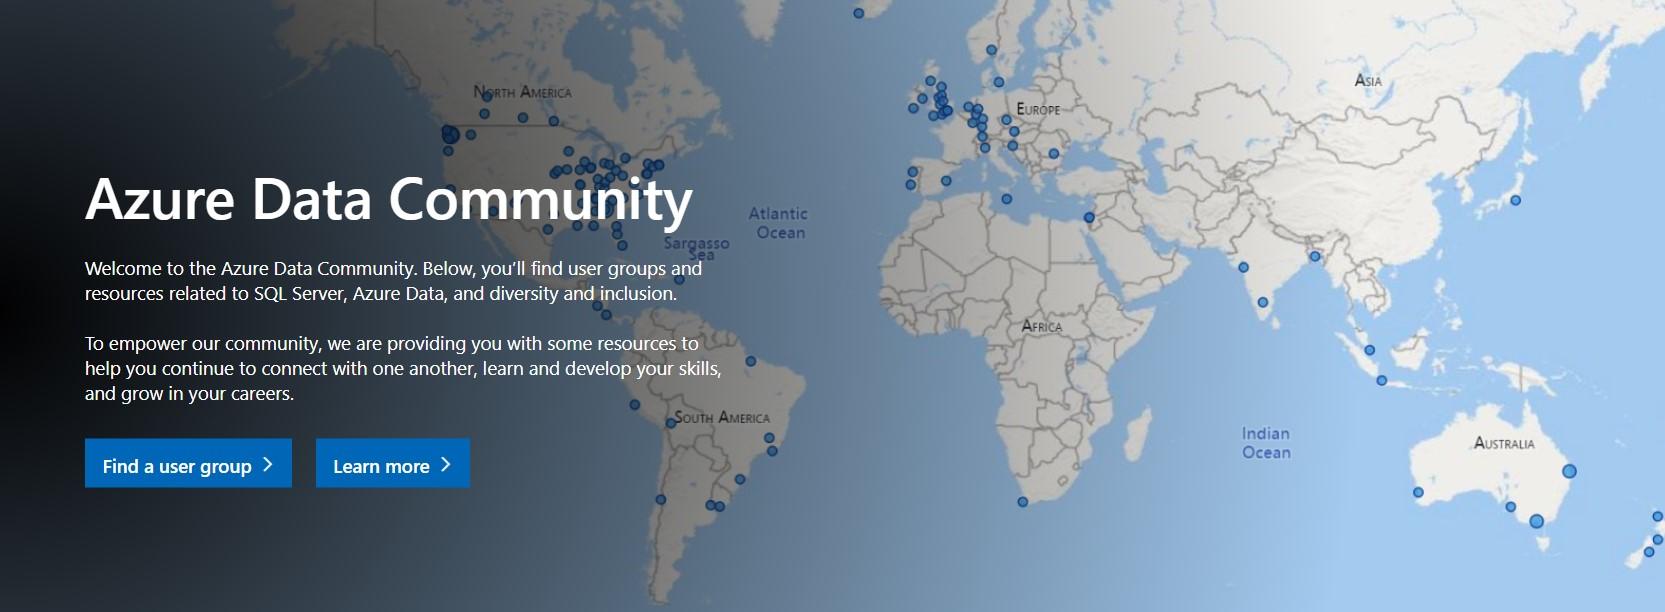 AzureDataCommunity